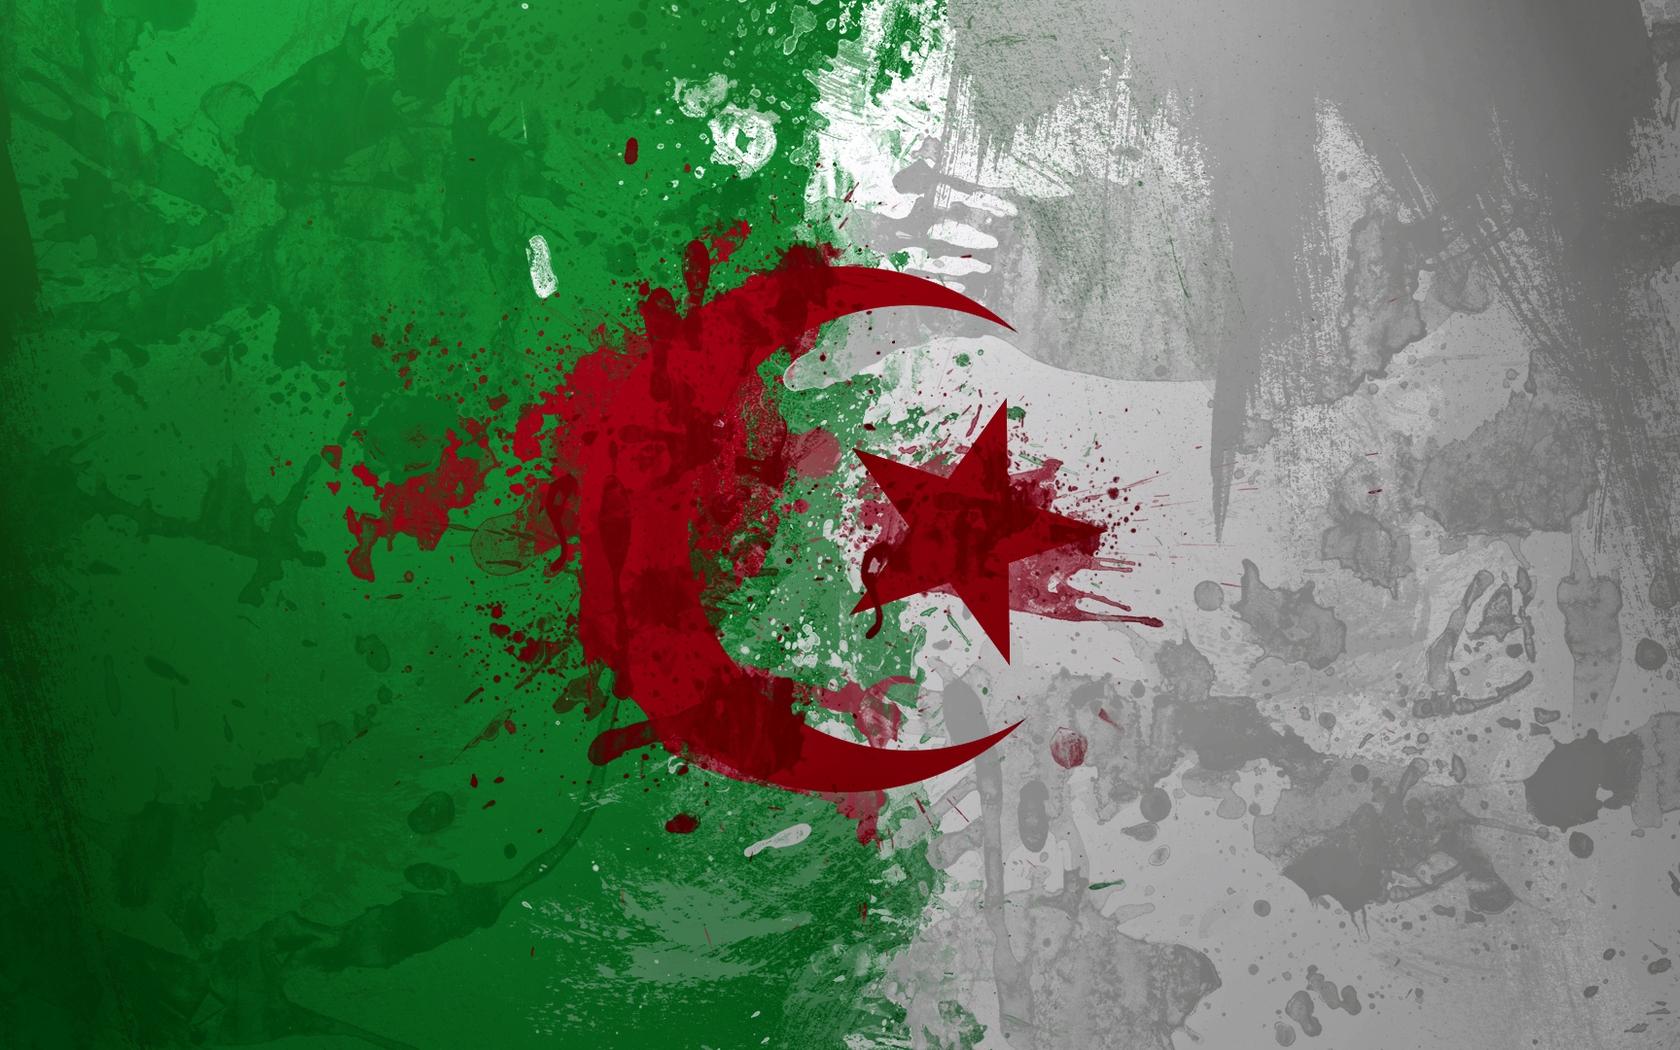 Fond D Écran Algerie fond d'écran : algérie, peindre, contexte, texture, surface